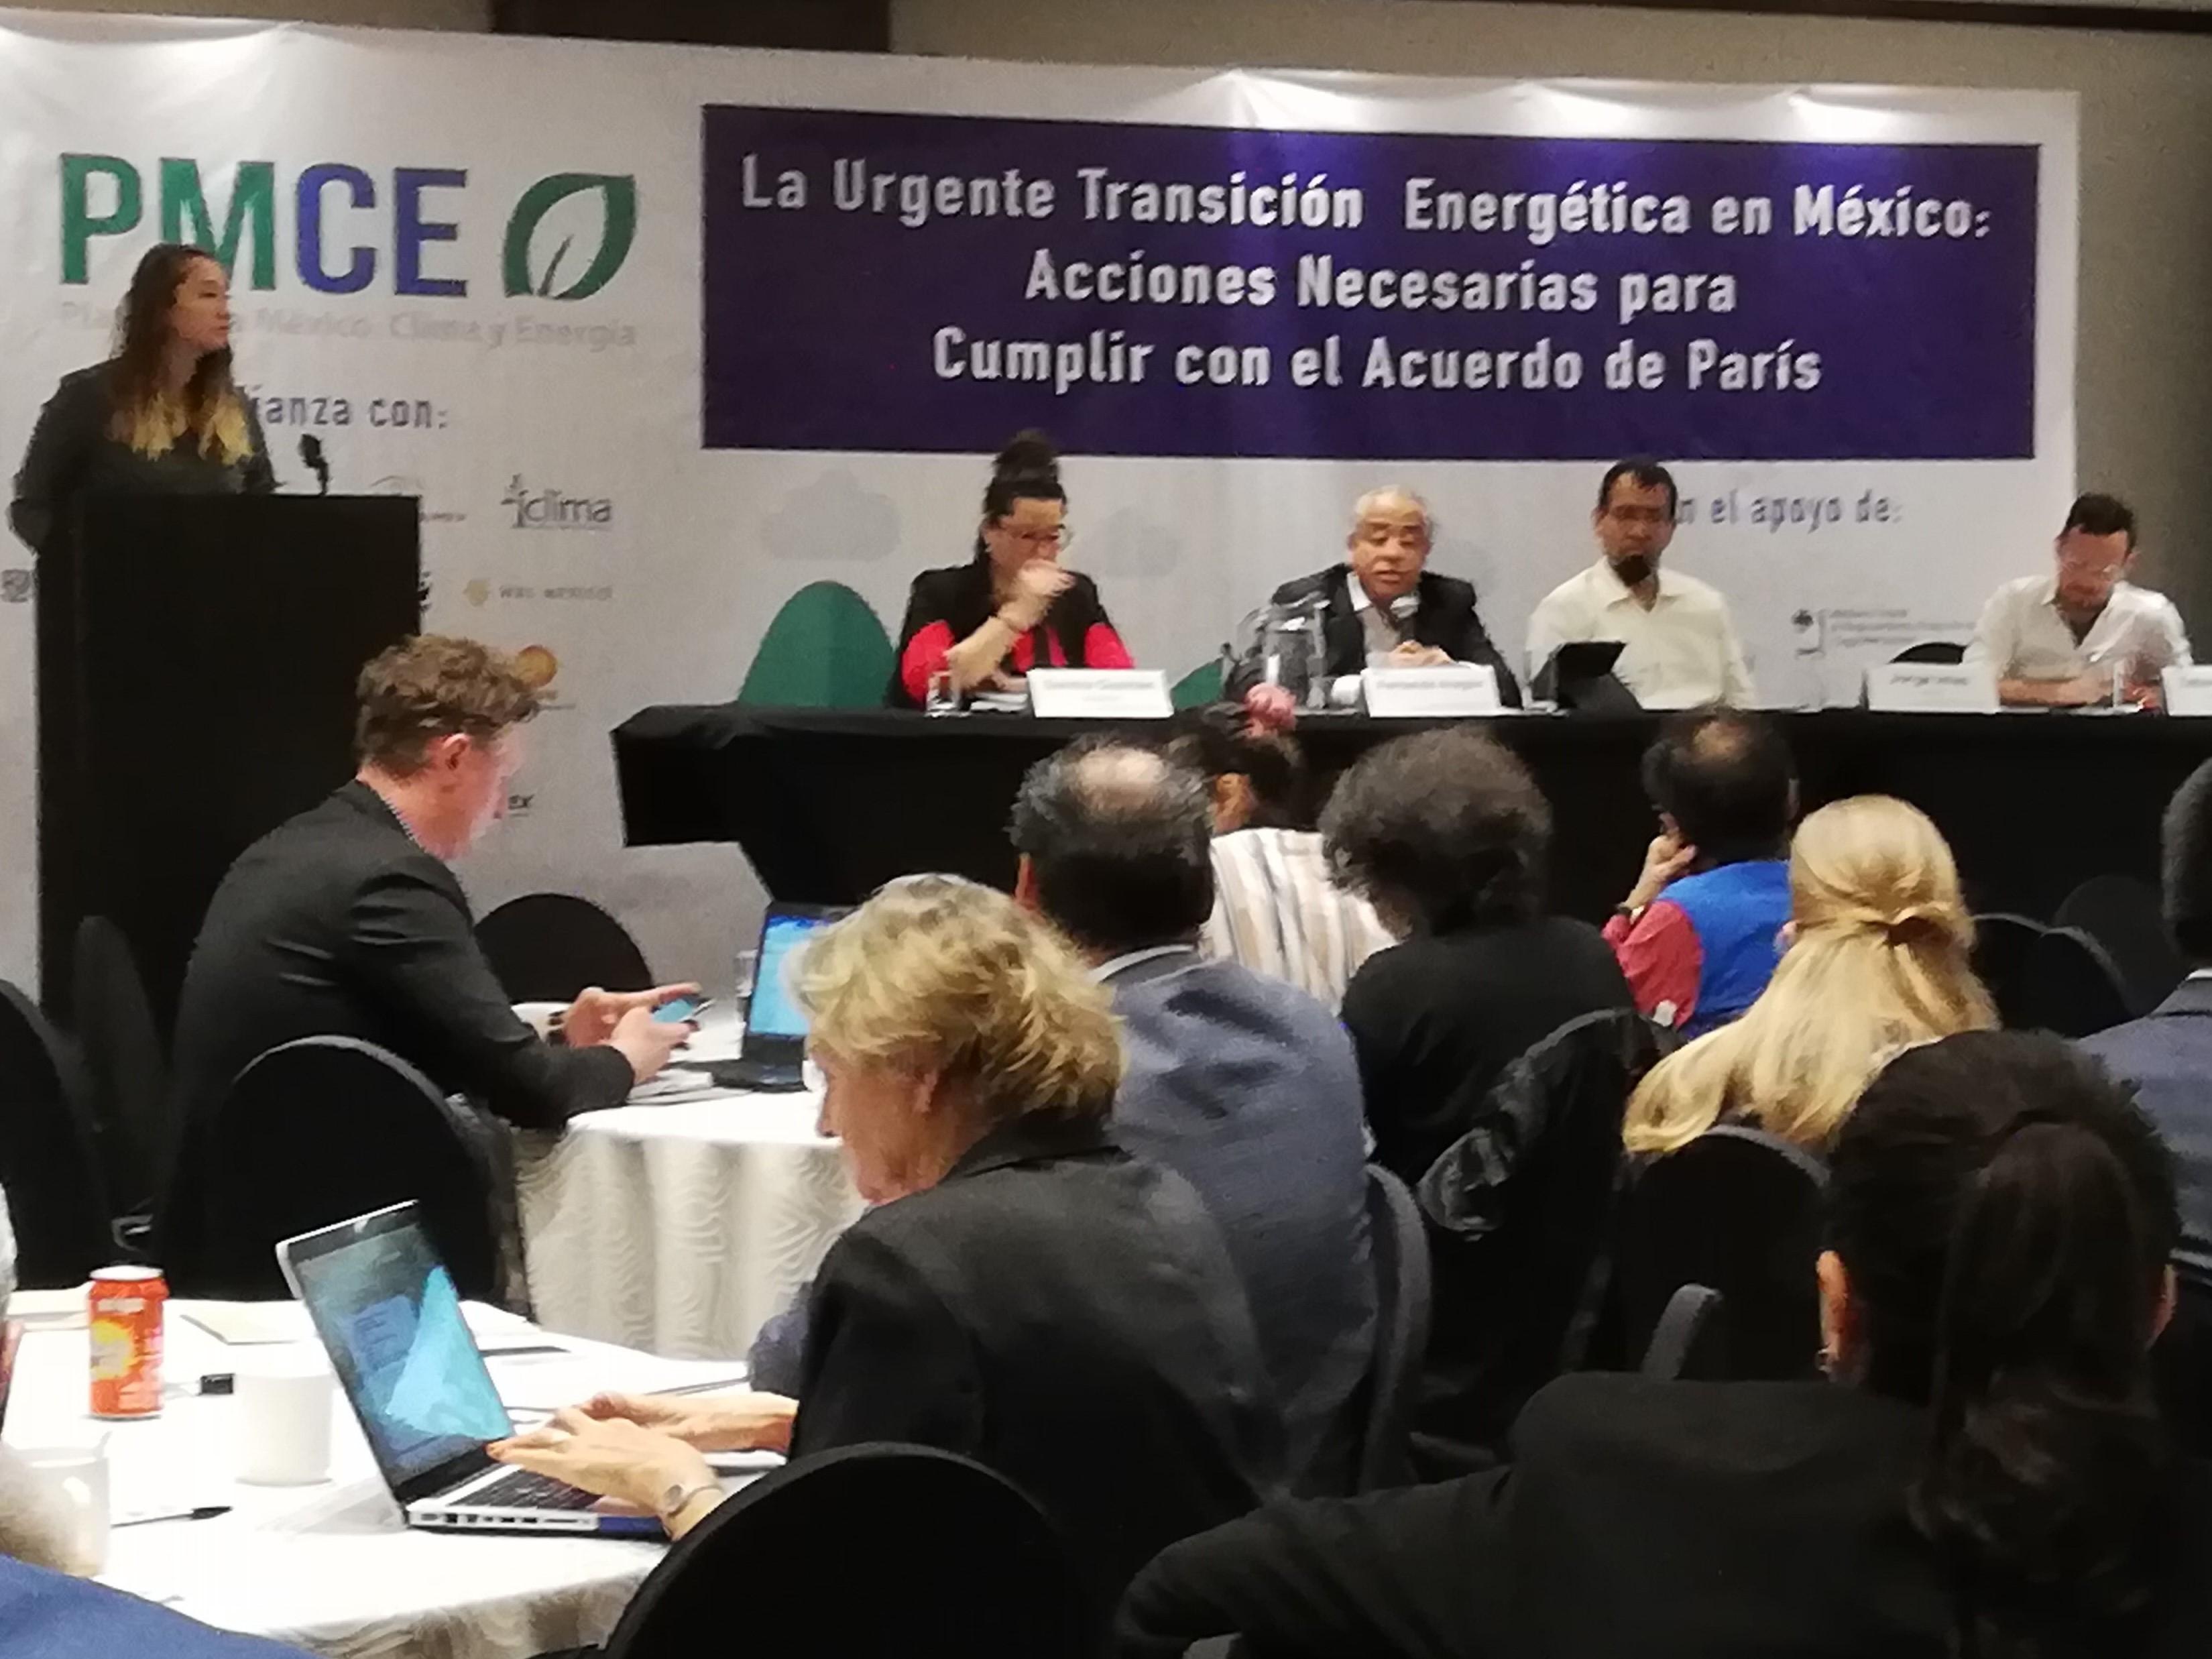 Plataforma Mexico Clima y Energía